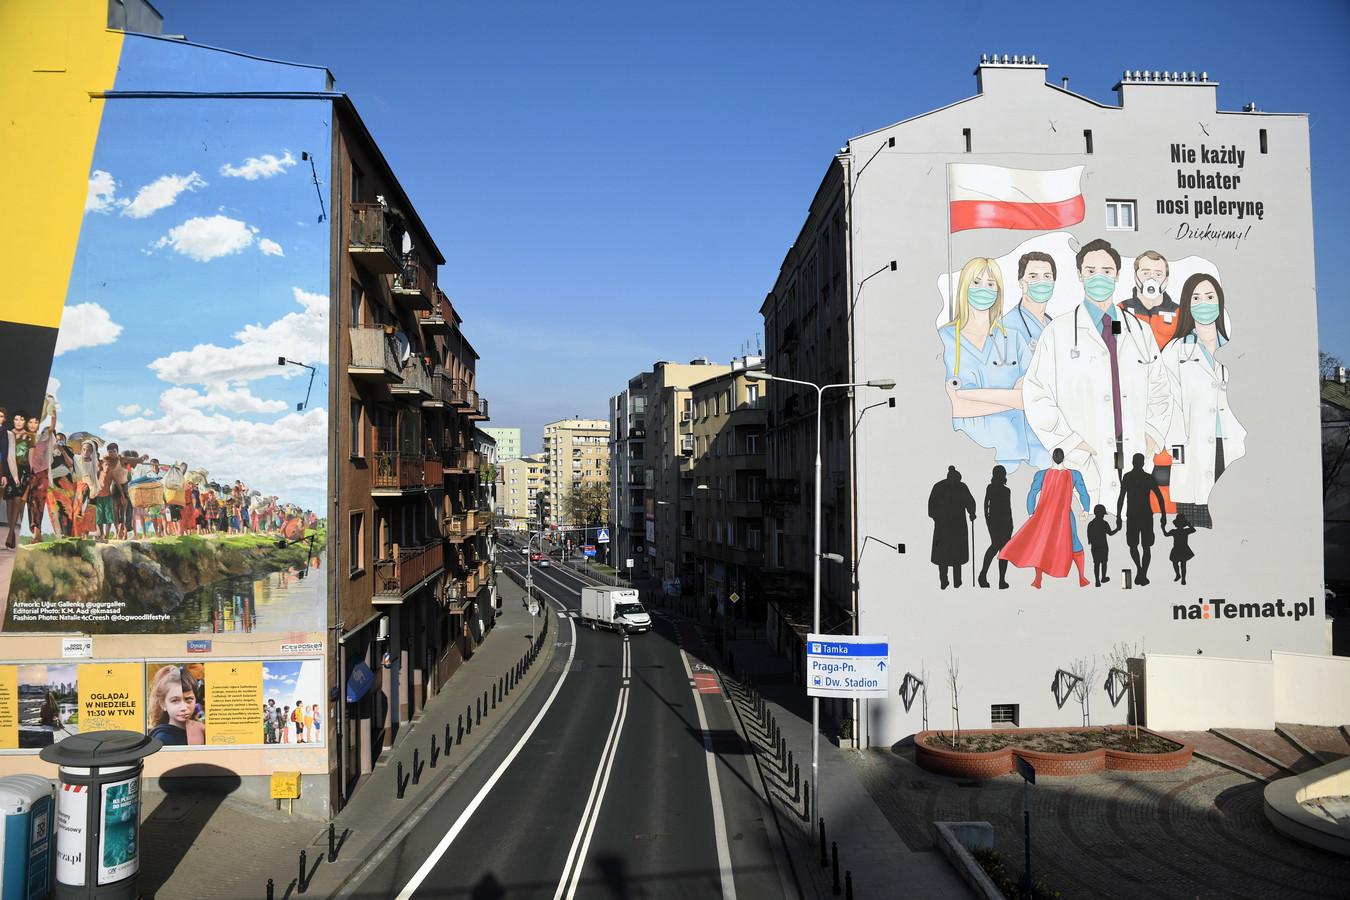 Een muurschildering met de tekst 'Niet alle superhelden dragen capes' bij een beeld van hulpverleners in Warschau, Polen.